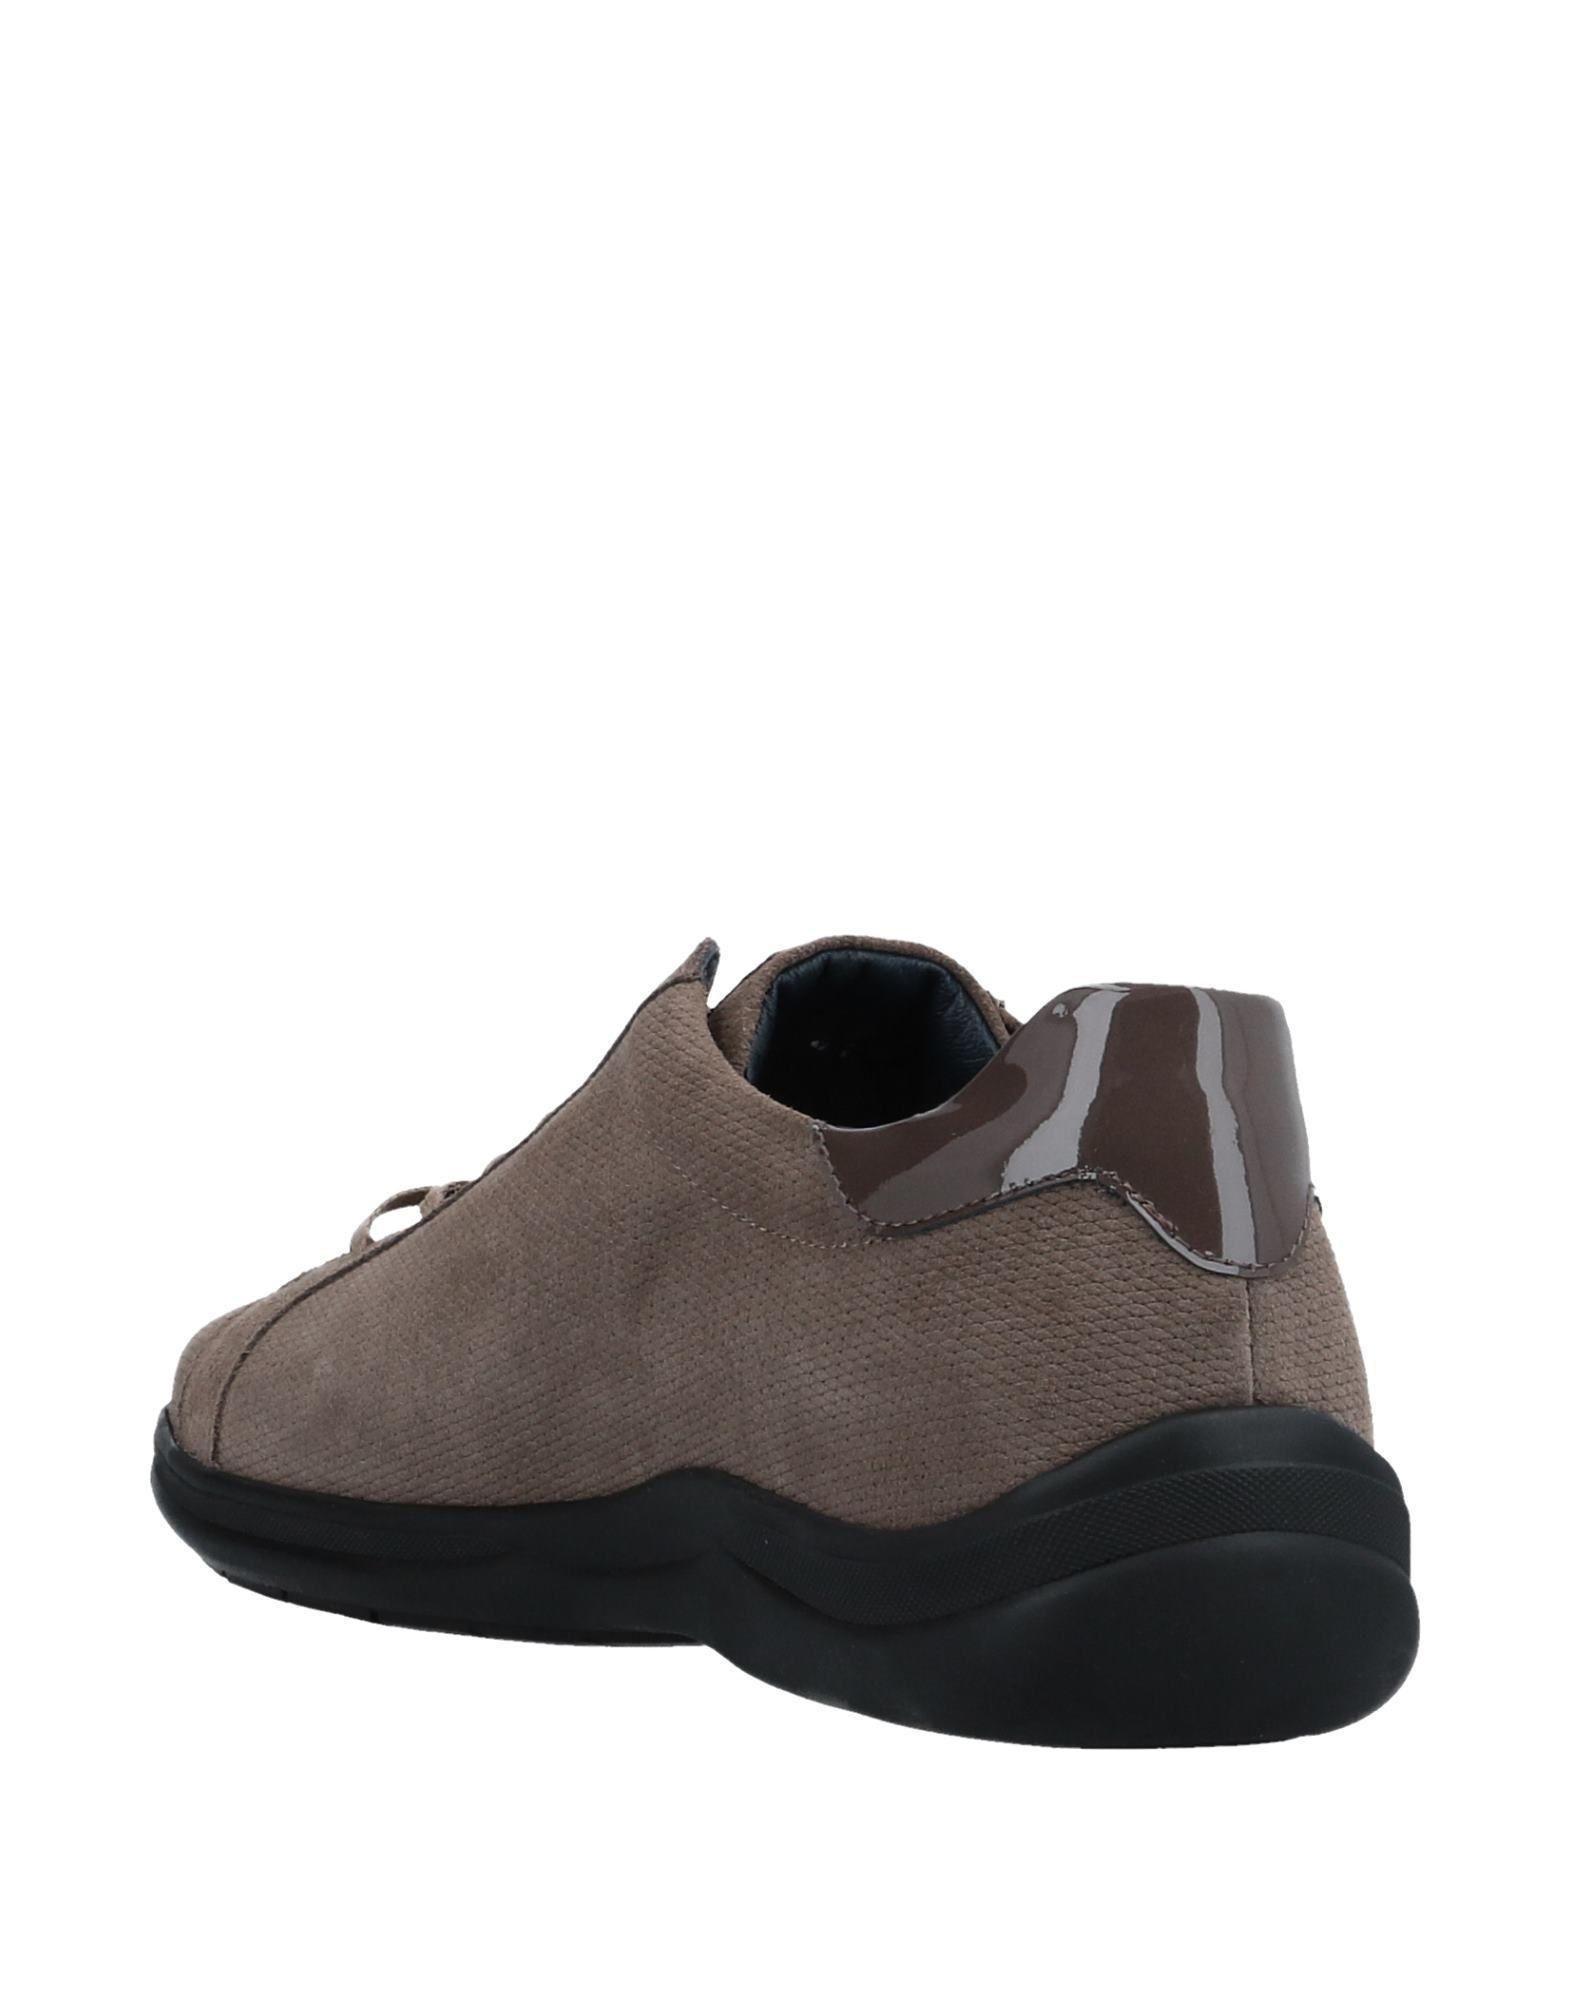 Rabatt echte Schuhe Fabiano Ricci Sneakers Herren  11508949RI 11508949RI  dfdaf2